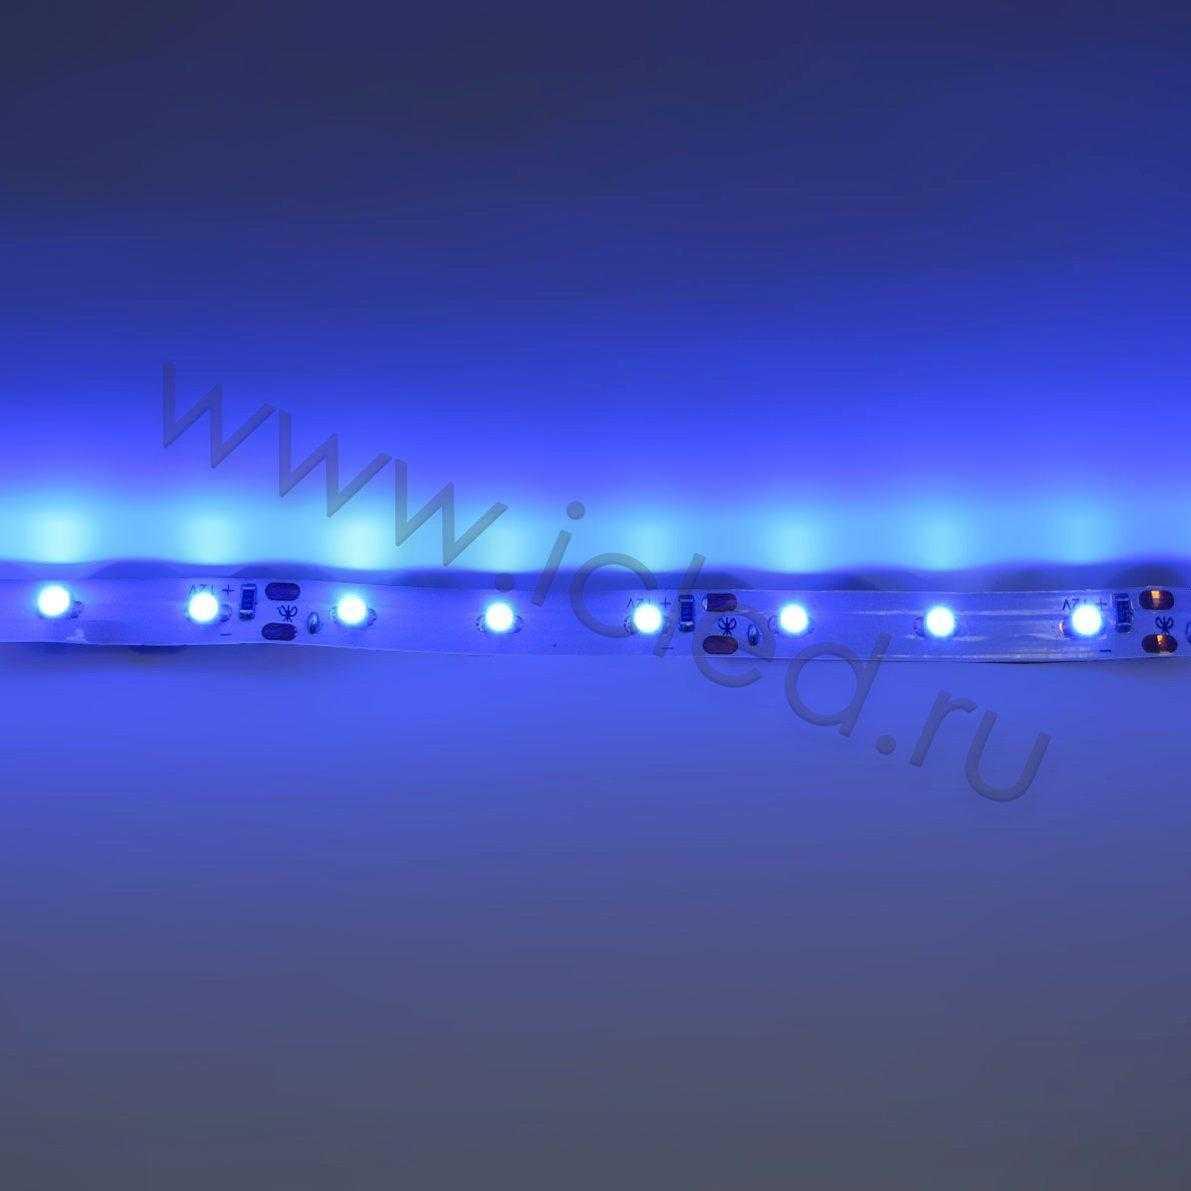 Светодиодная лента Econom class, 3528, 60led/m, Blue, 12V, IP33